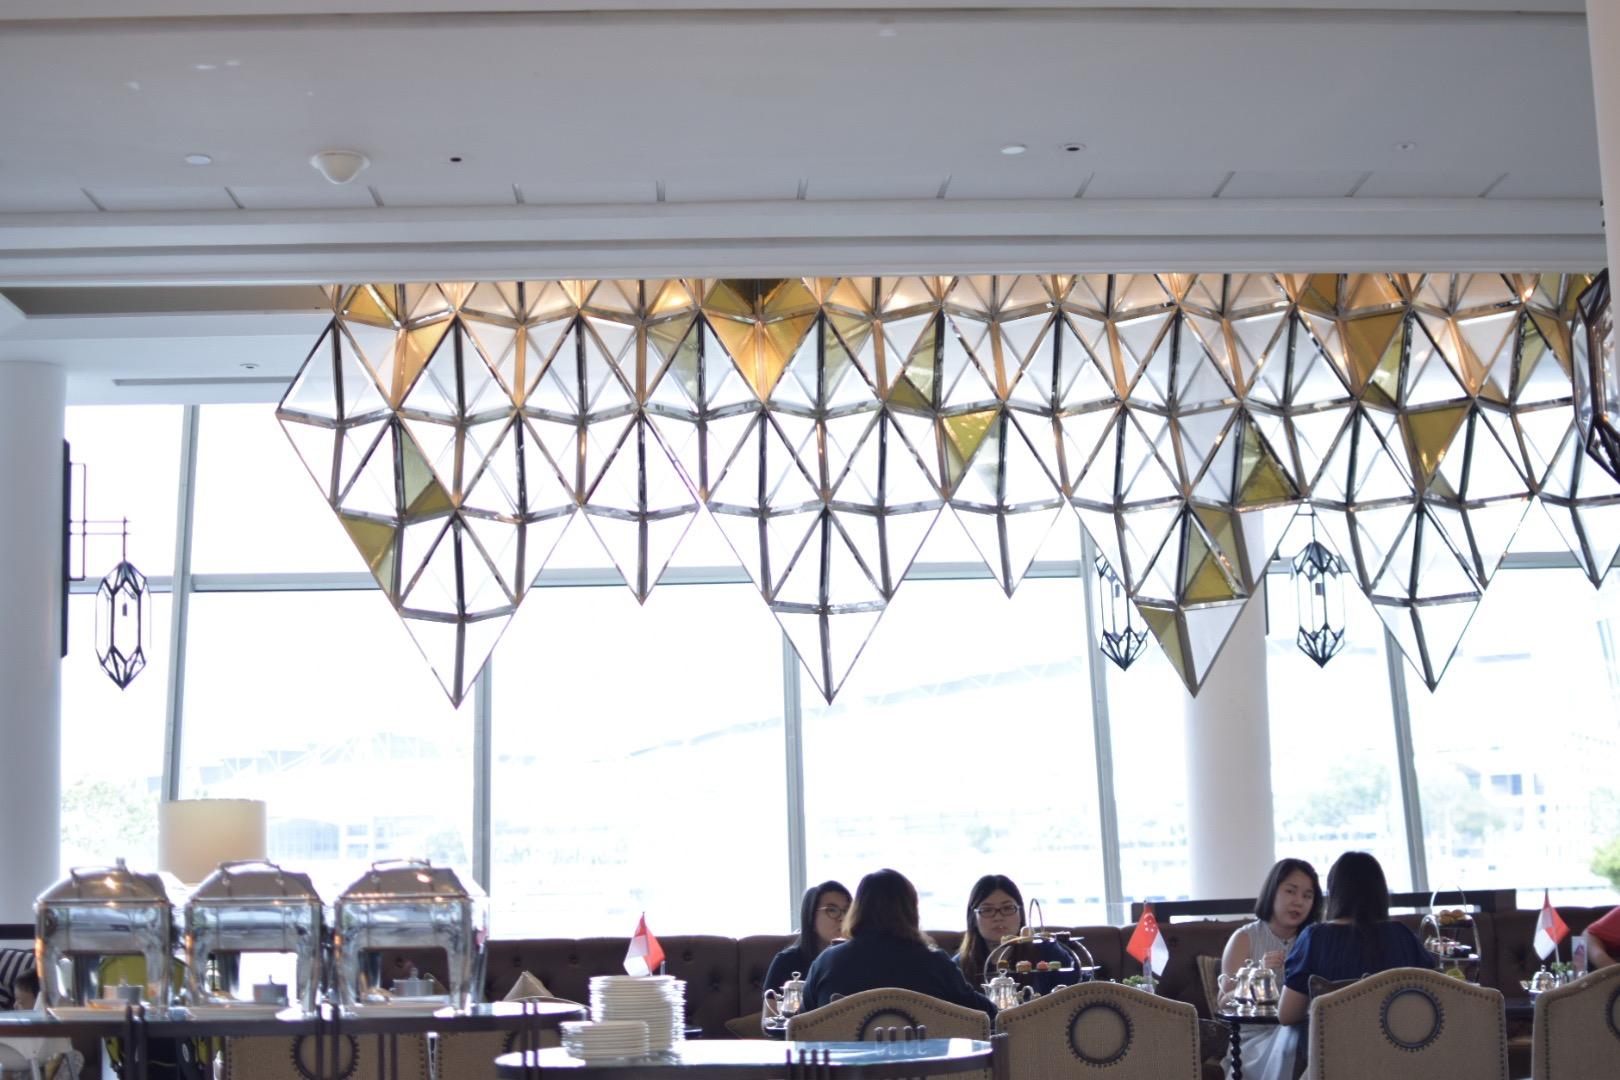 【シンガポール】マリーナベイを眺めながらアフタヌーンティーが楽しめる「フラトンベイホテル The Landing Point」_2